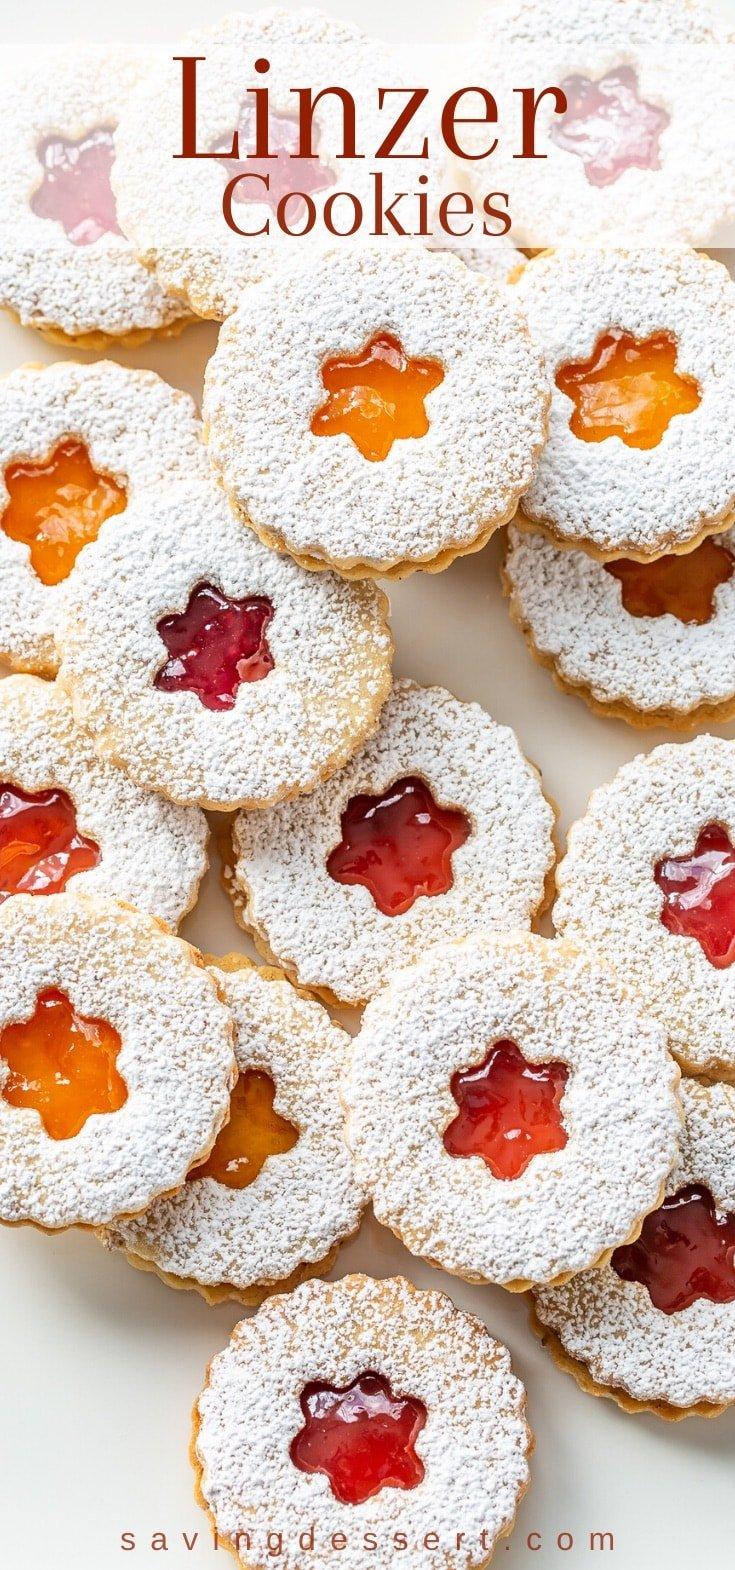 A platter of jam filled Linzer cookies